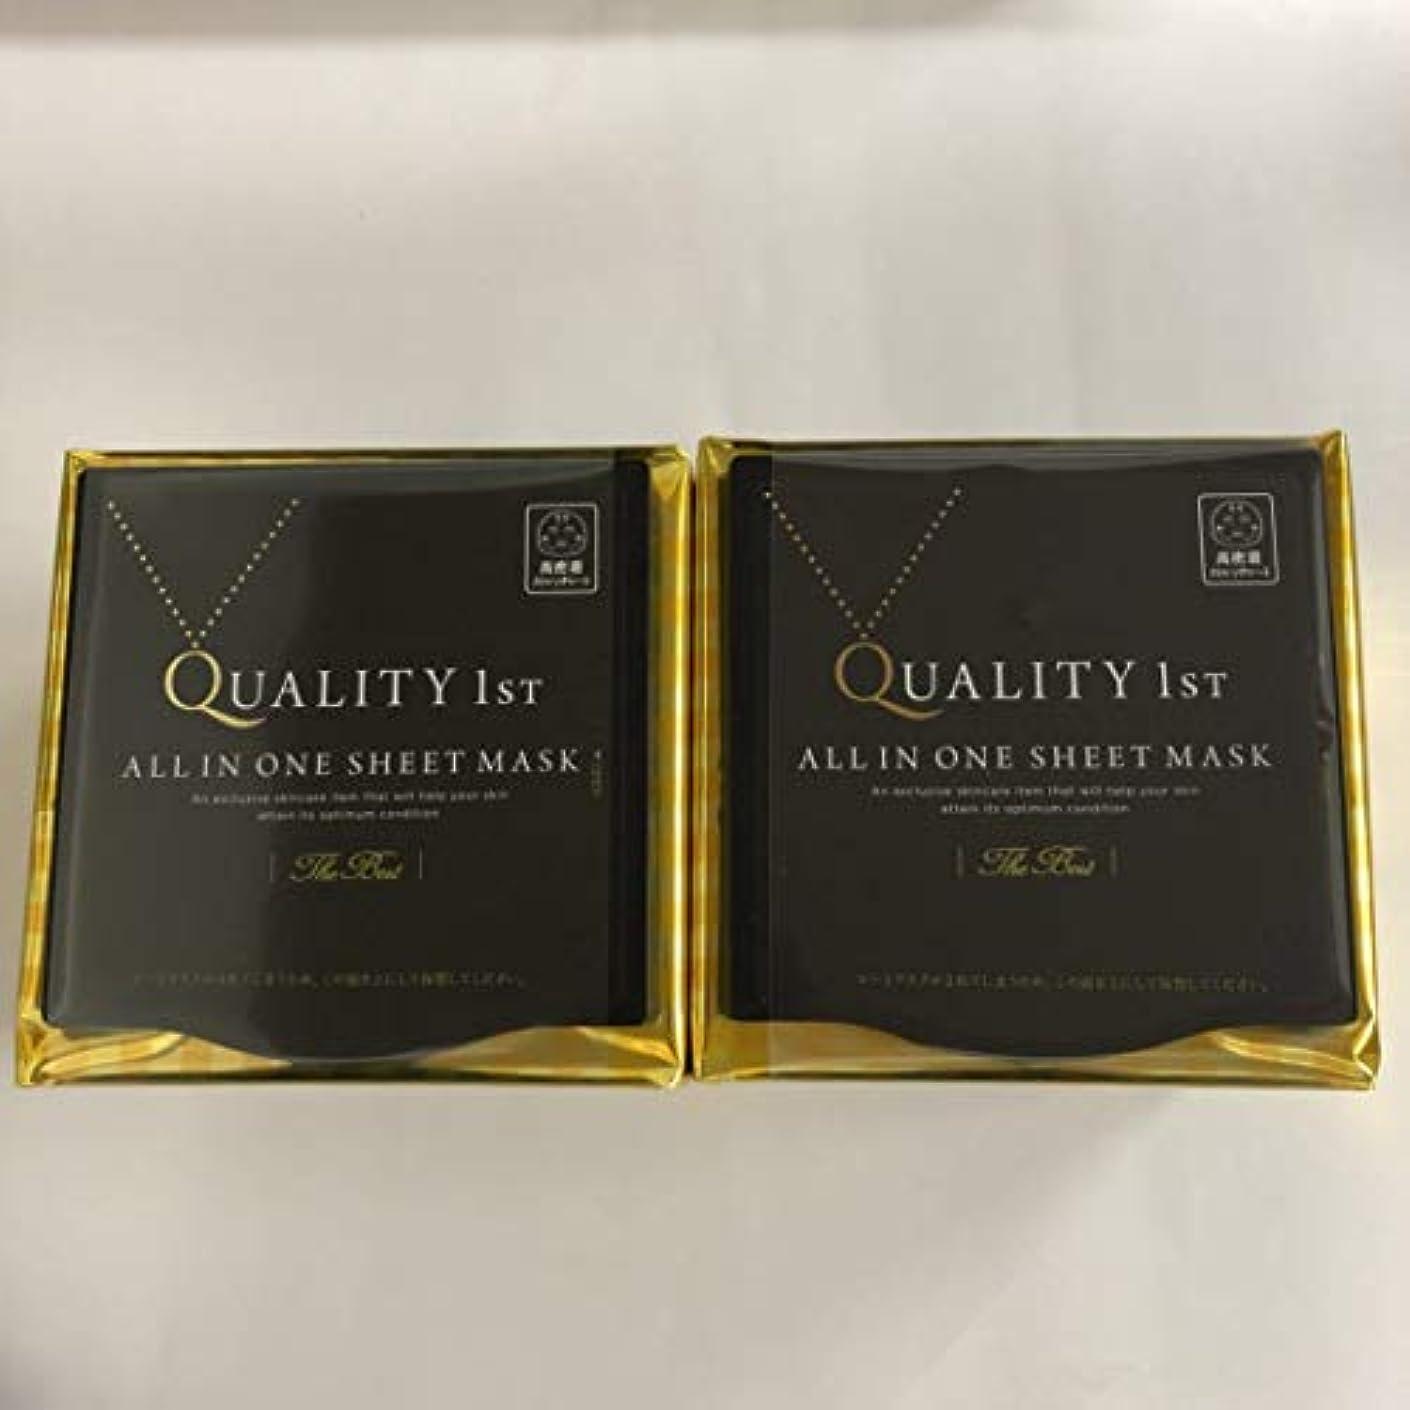 ウミウシ首謀者事実上オールインワンシートマスク ザ?ベストEX (30枚) BOX 2個セット+角質ケアサンプル2PC